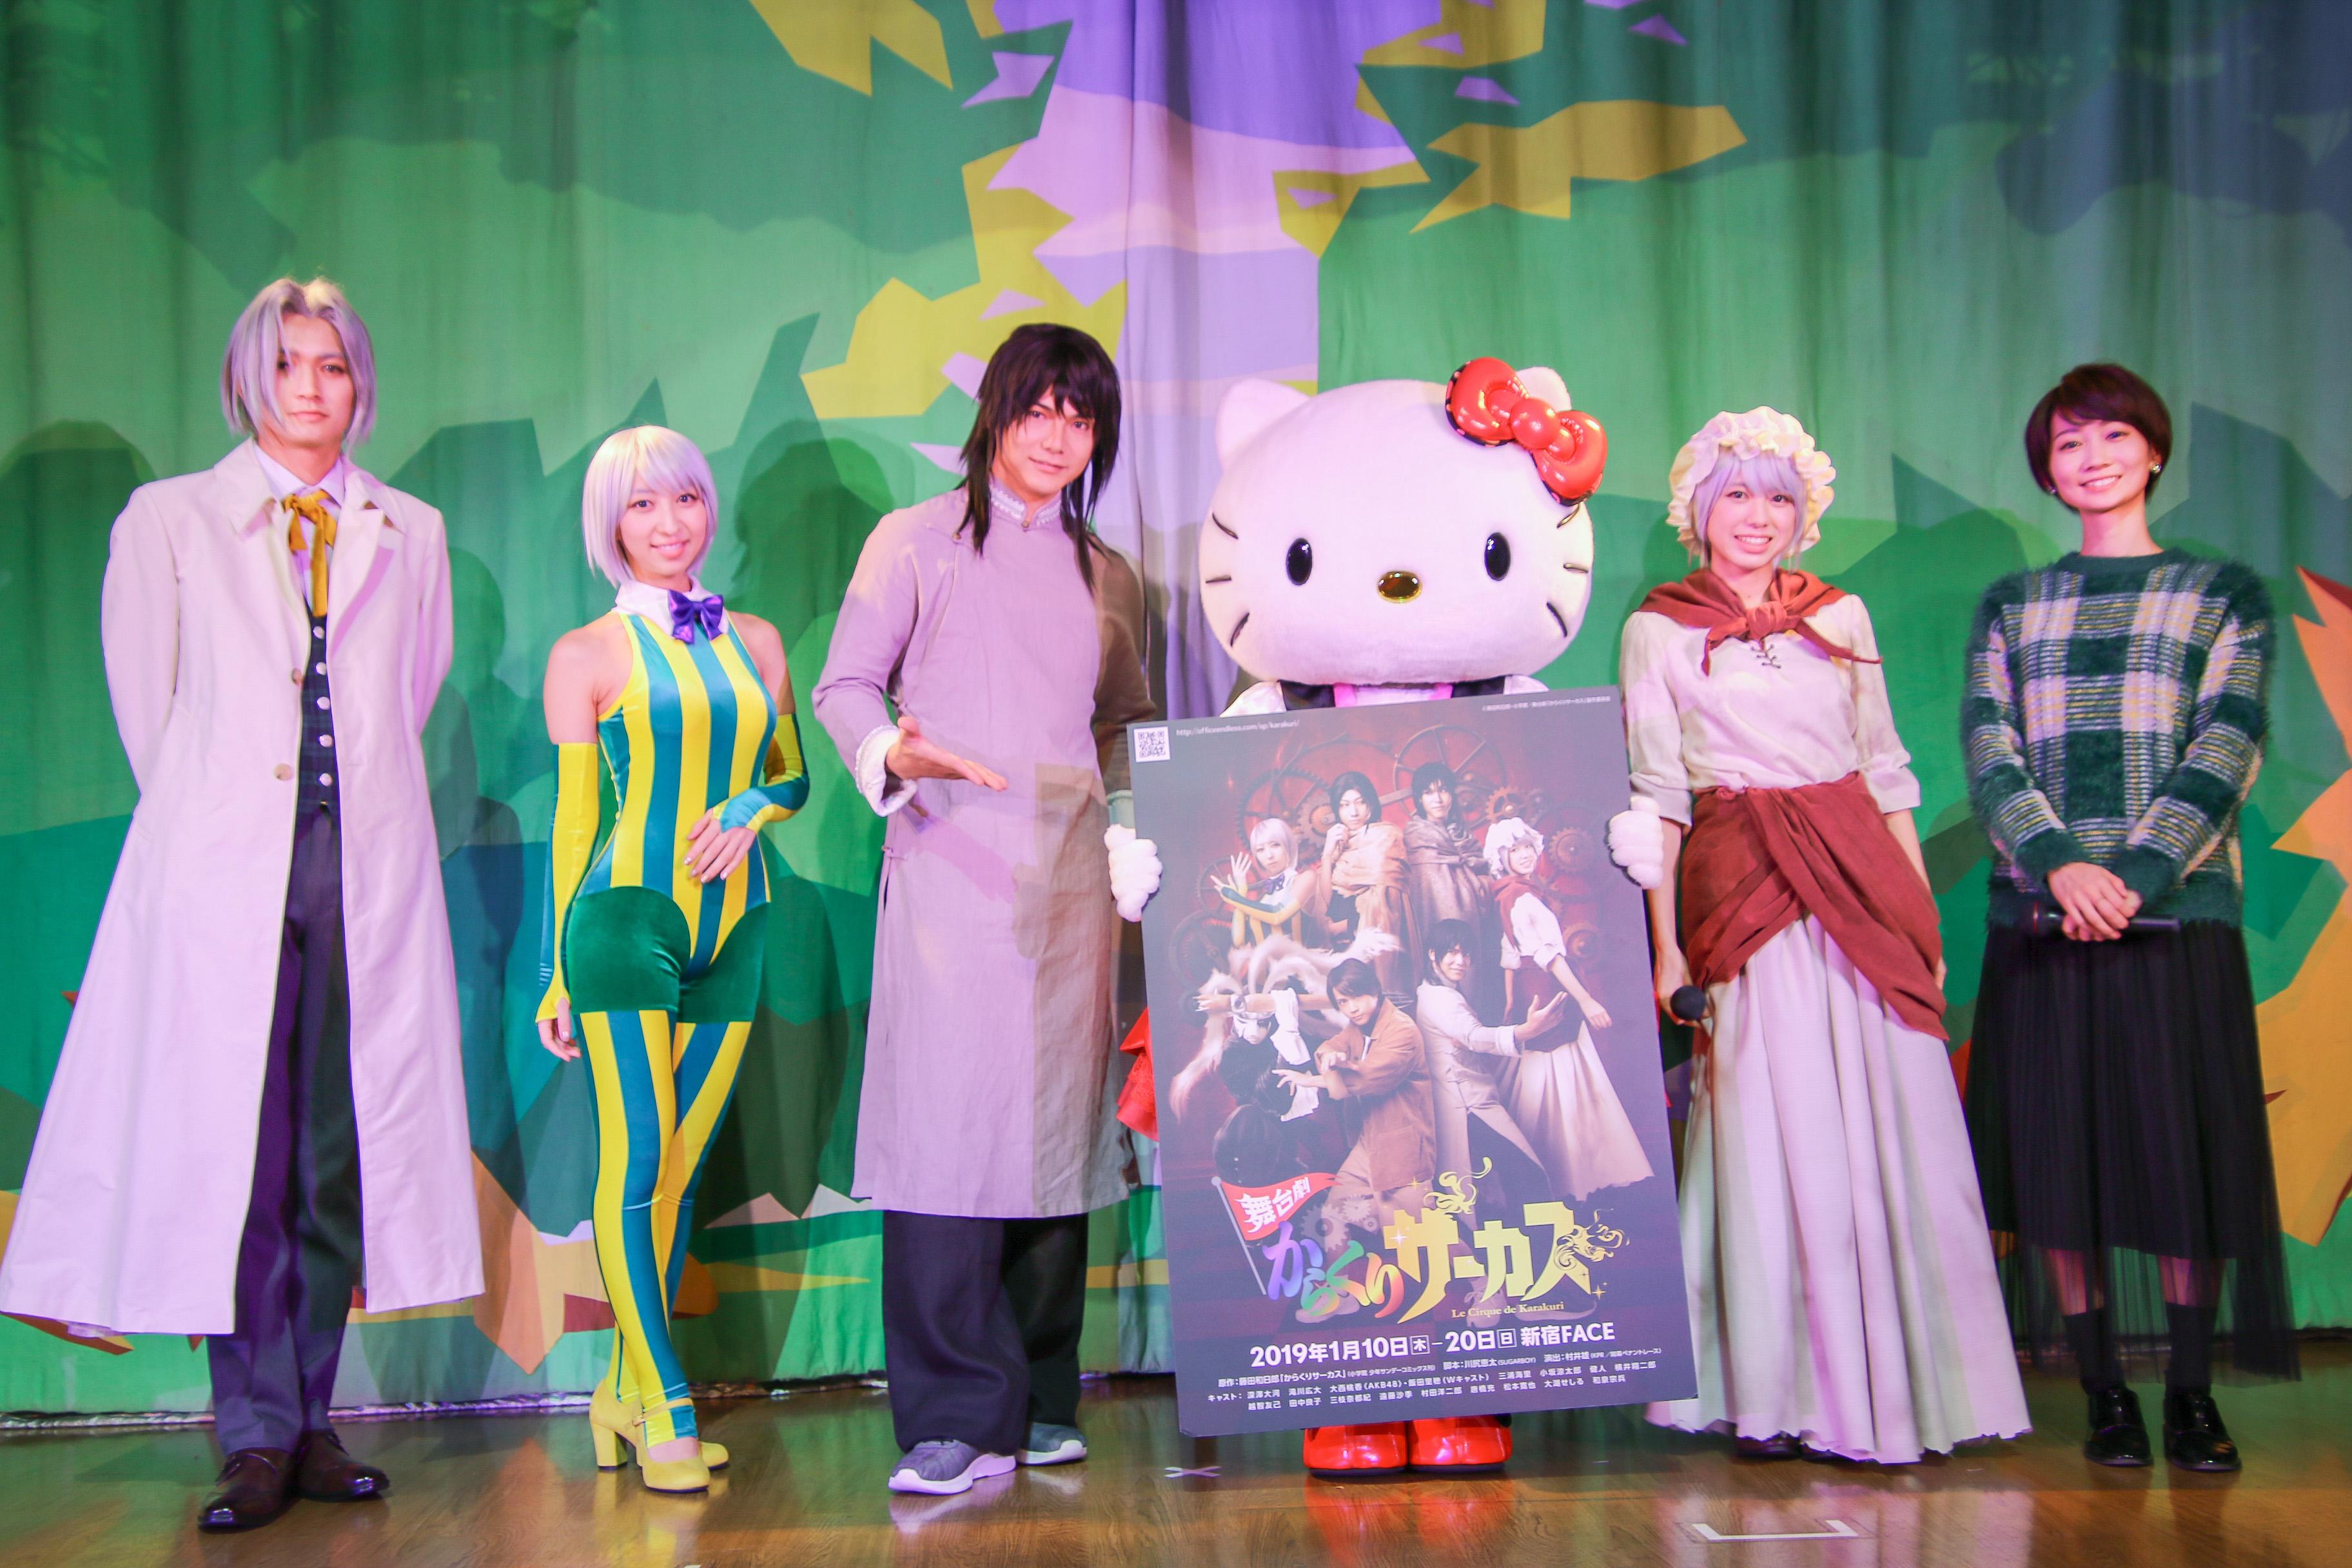 左から越智友己、飯田里穂、滝川広大、キティ、大西桃香(AKB48)、植田千尋